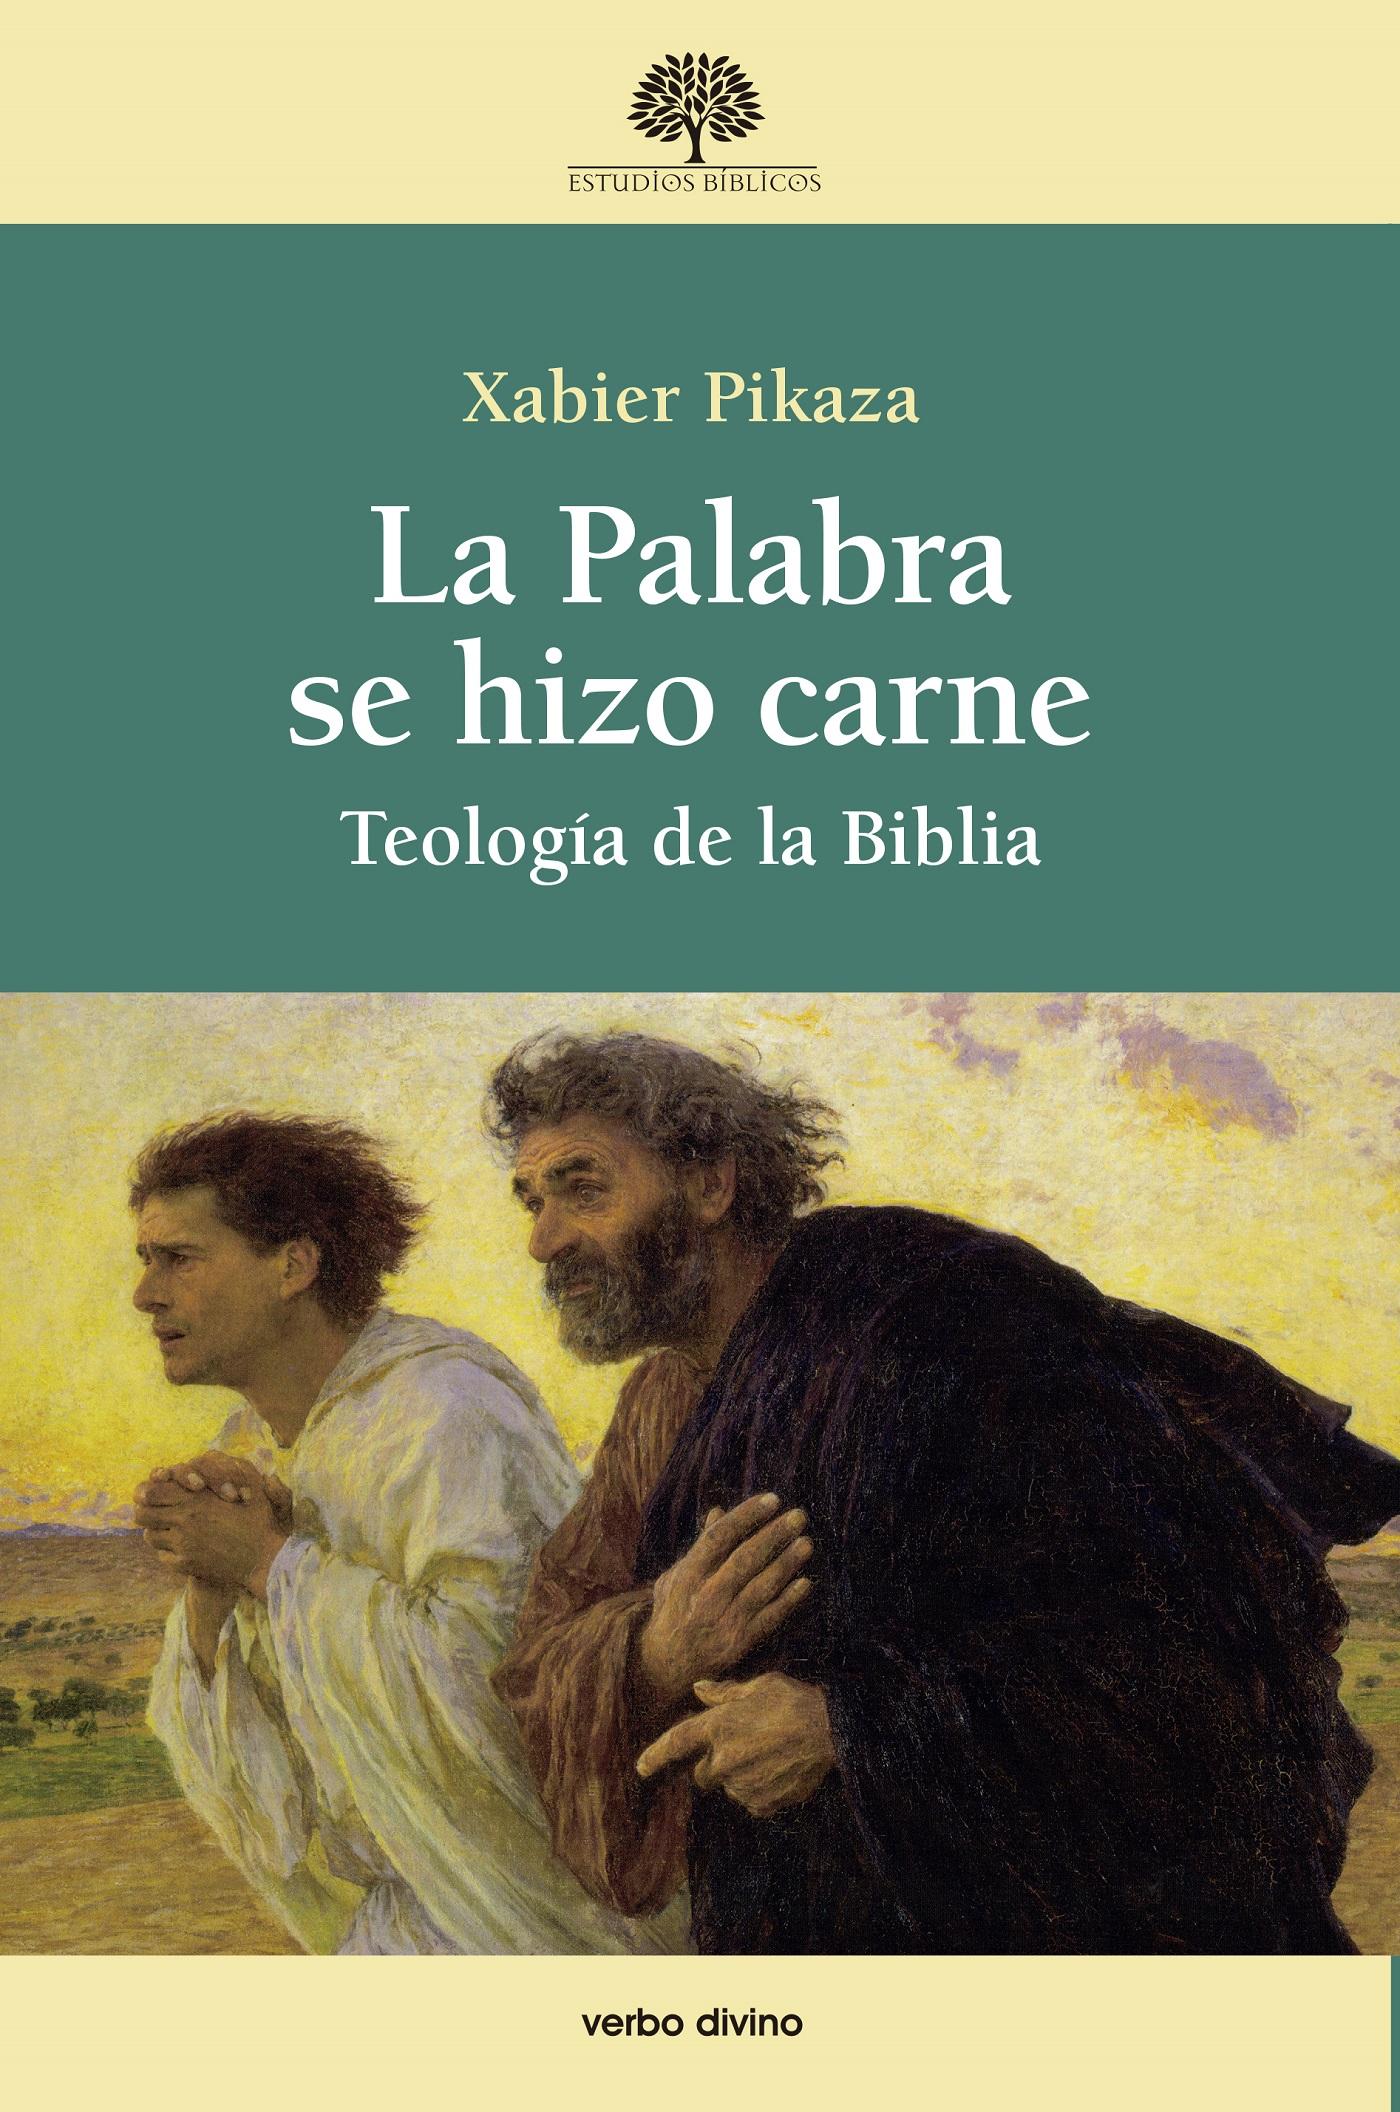 LA PALABRA SE HIZO CARNE. Xabier Pikaza Ibarrondo. ebook. 9788490736401